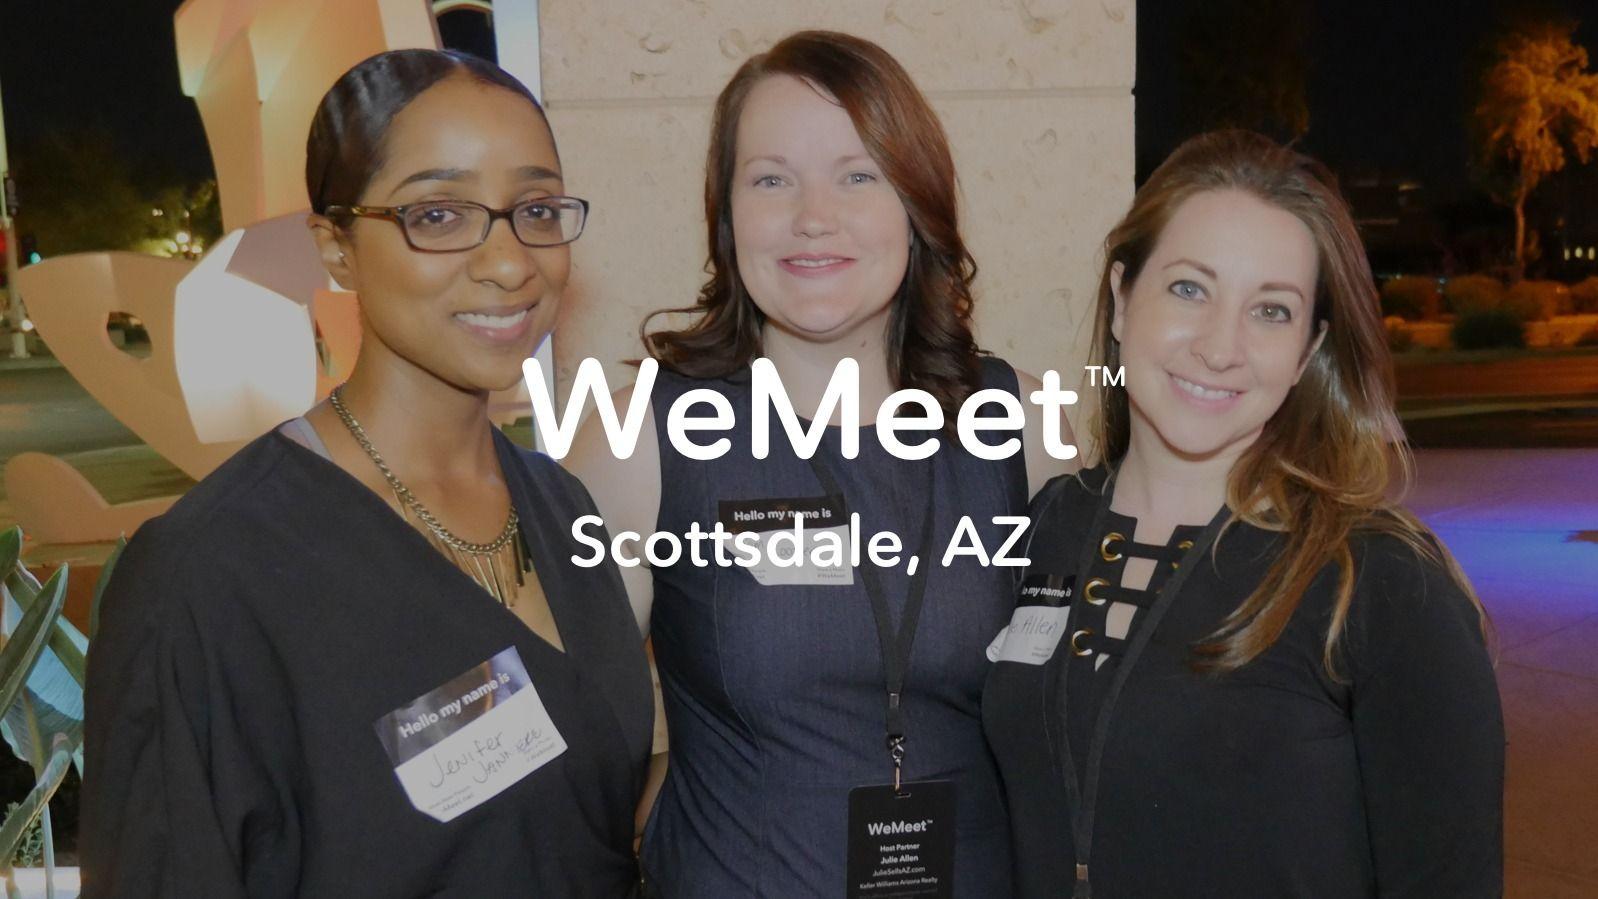 WeMeet Scottsdale Networking - Meet New People